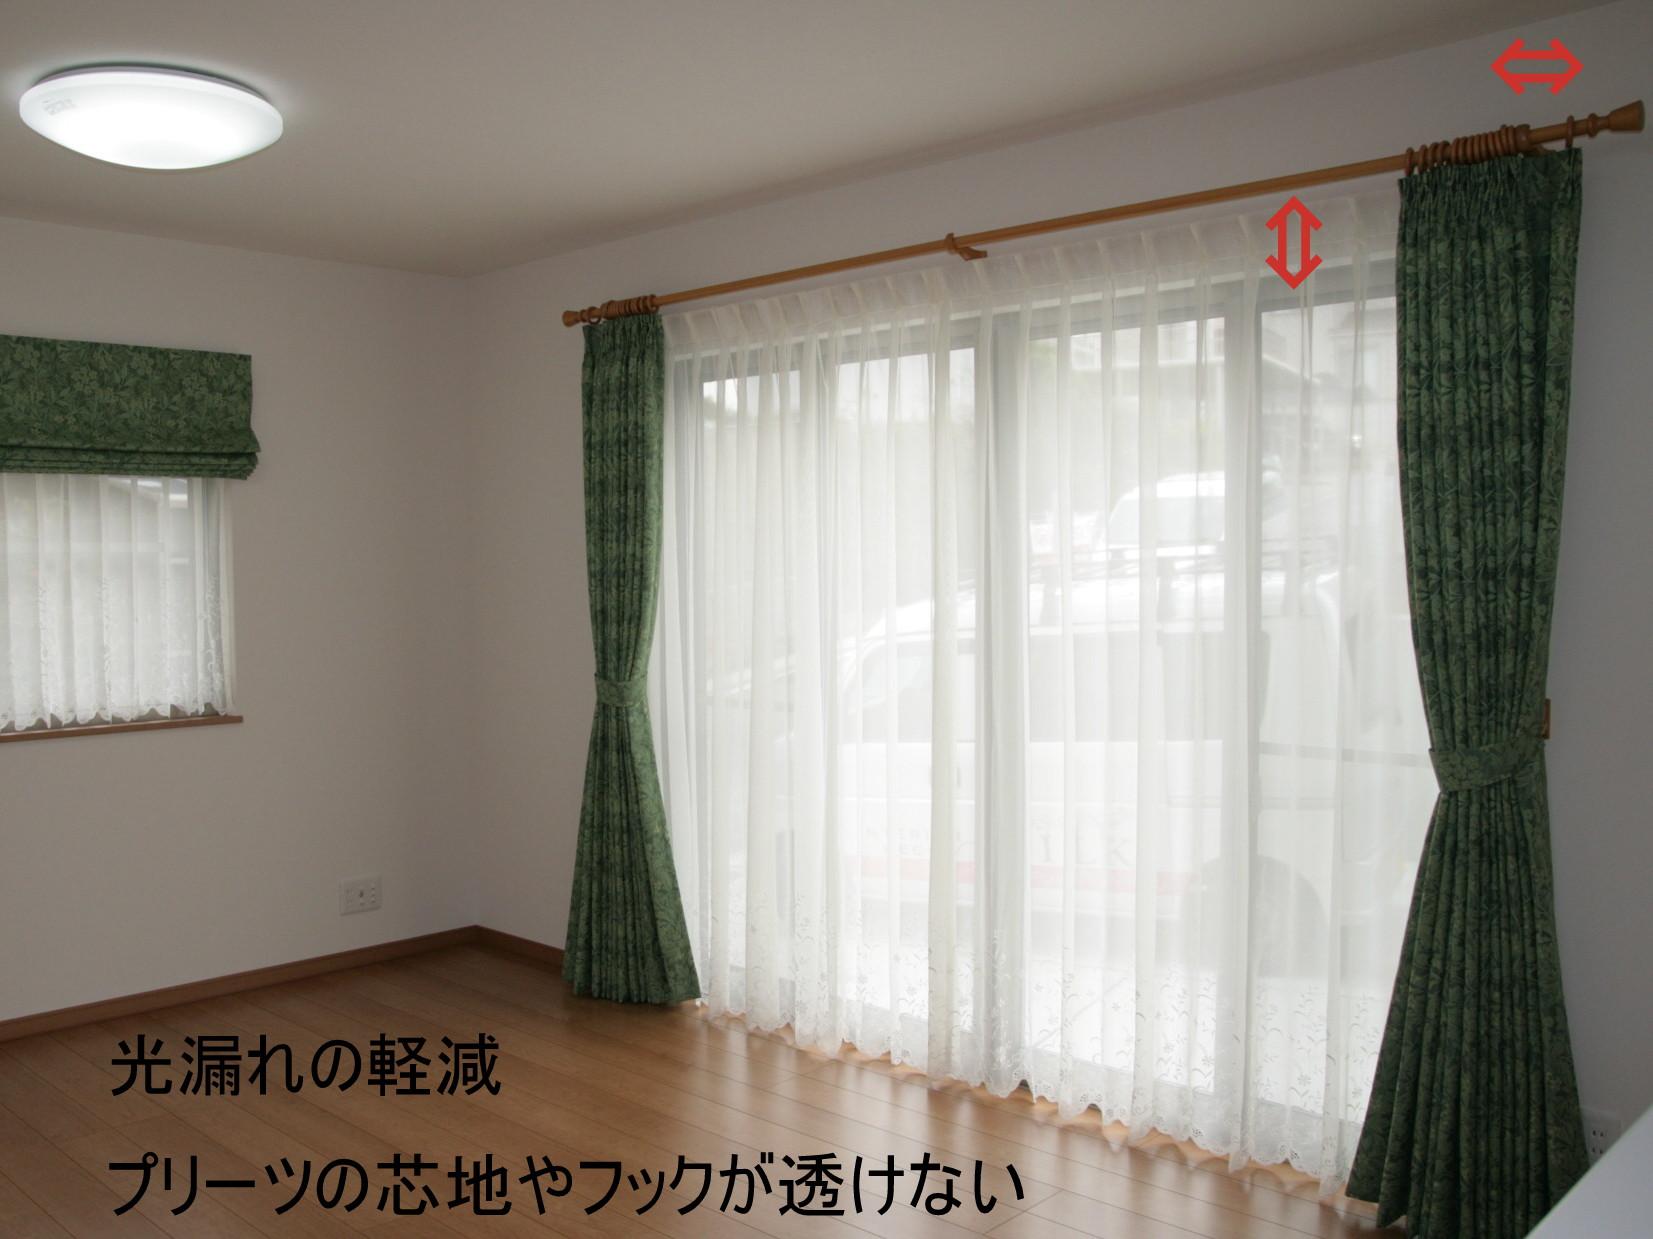 カーテンを美しく見せるために(レール取り付け編)   オーダーカーテン